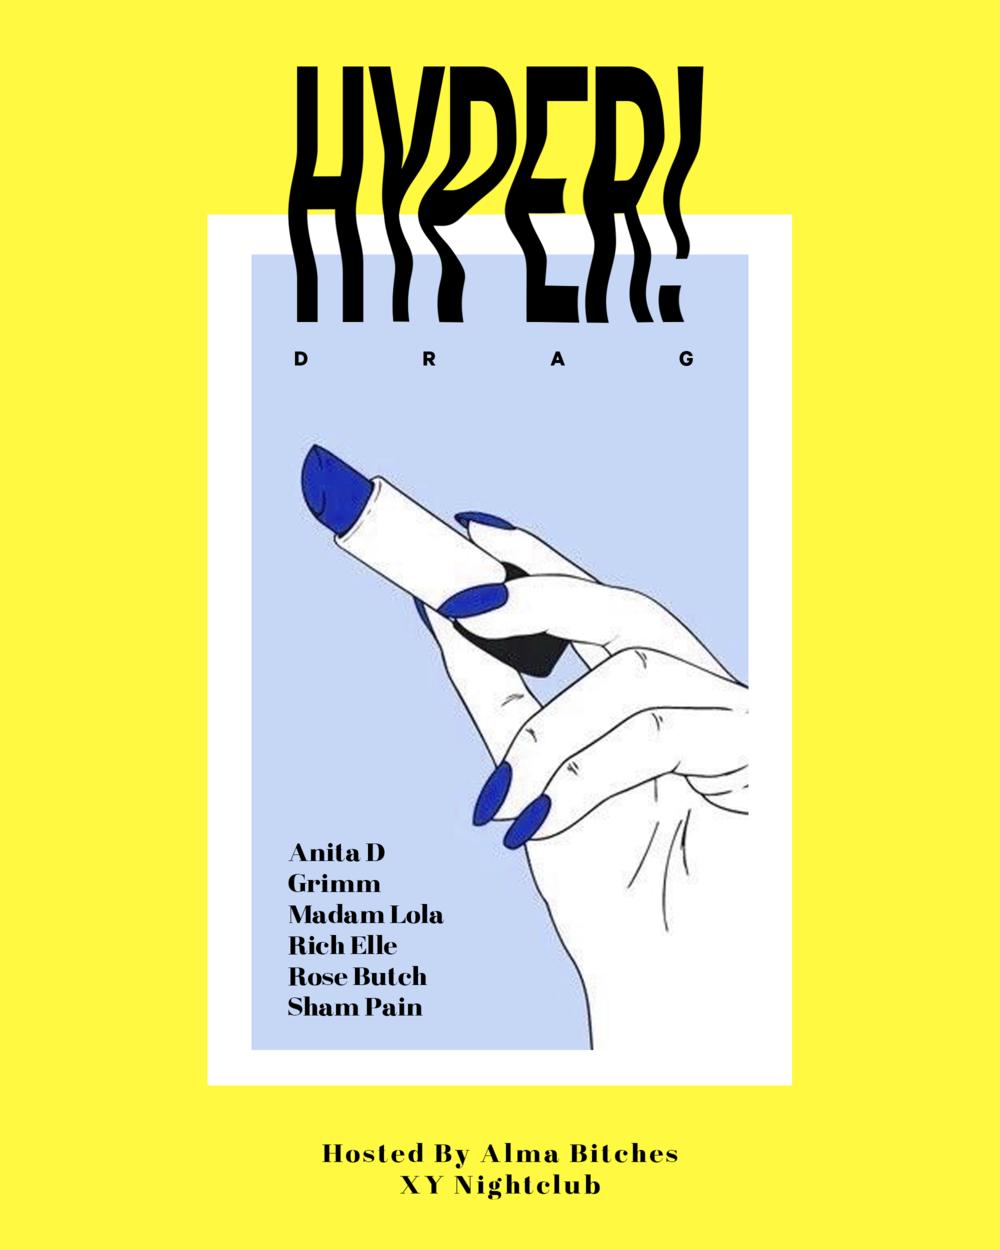 Hyperdrag.png